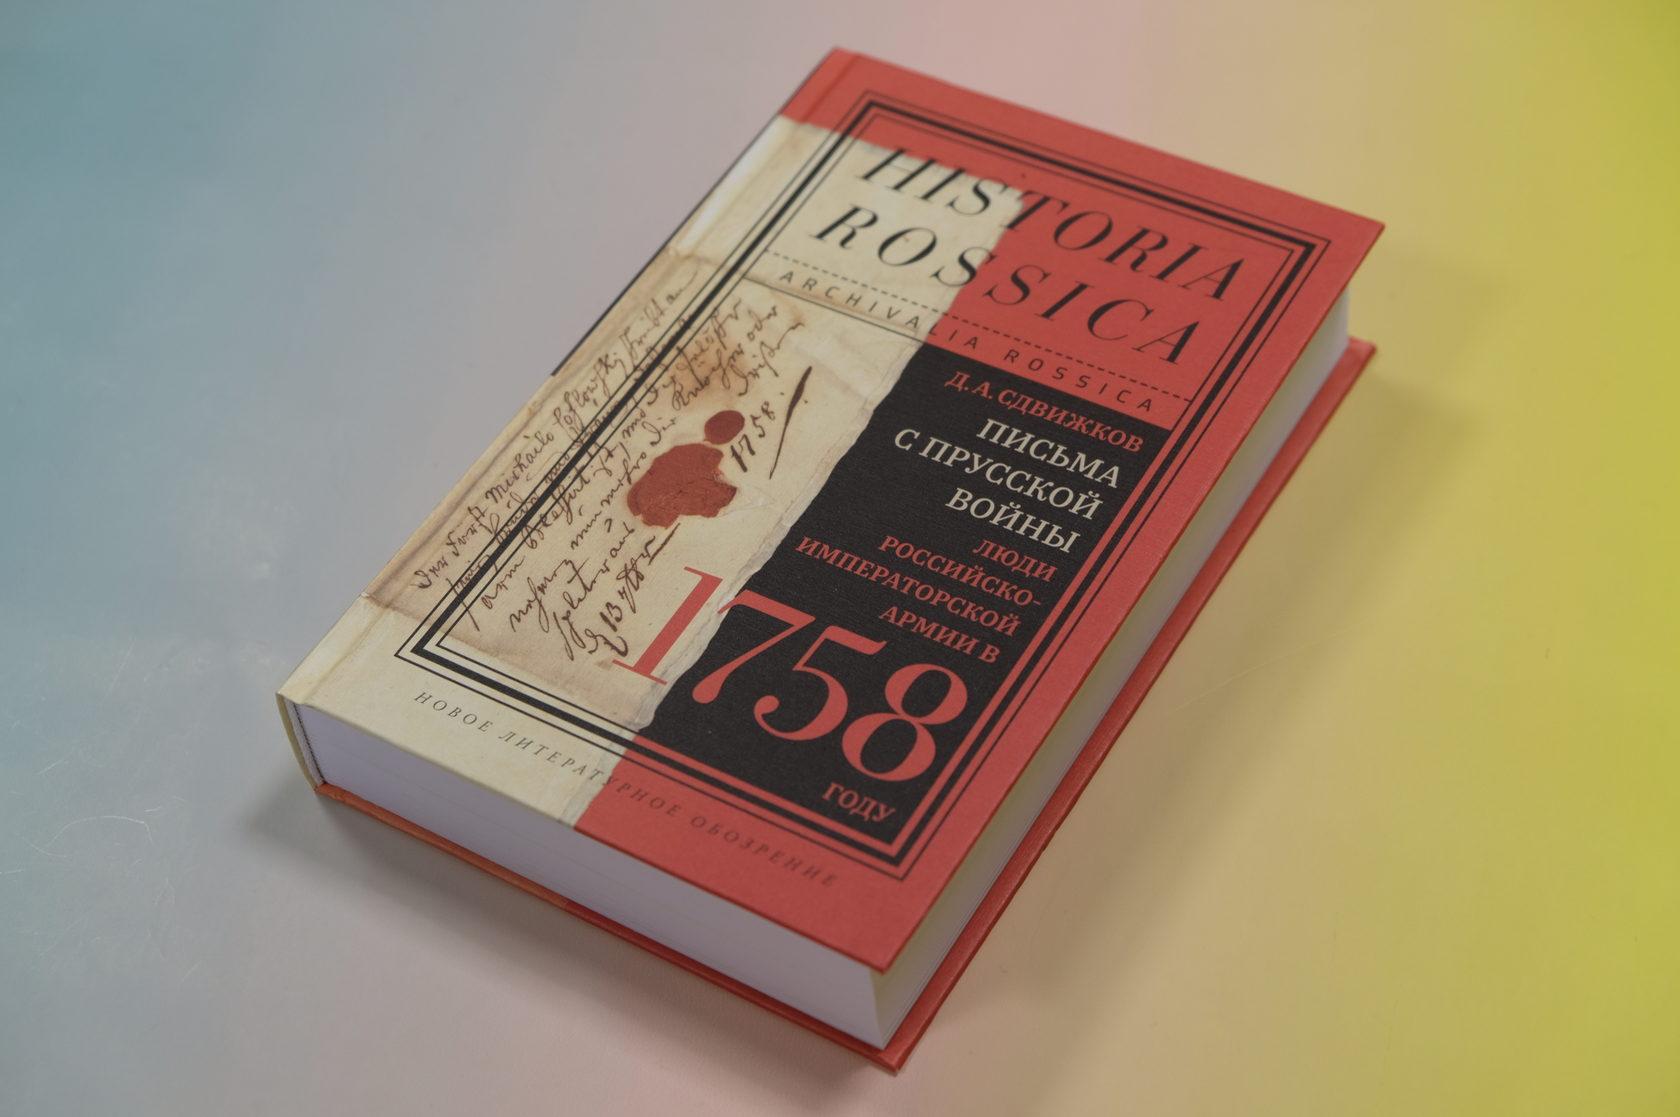 Денис Сдвижков «Письма с Прусской войны. Люди Российско-императорской армии в 1758 году» , 978-5-4448-0925-9